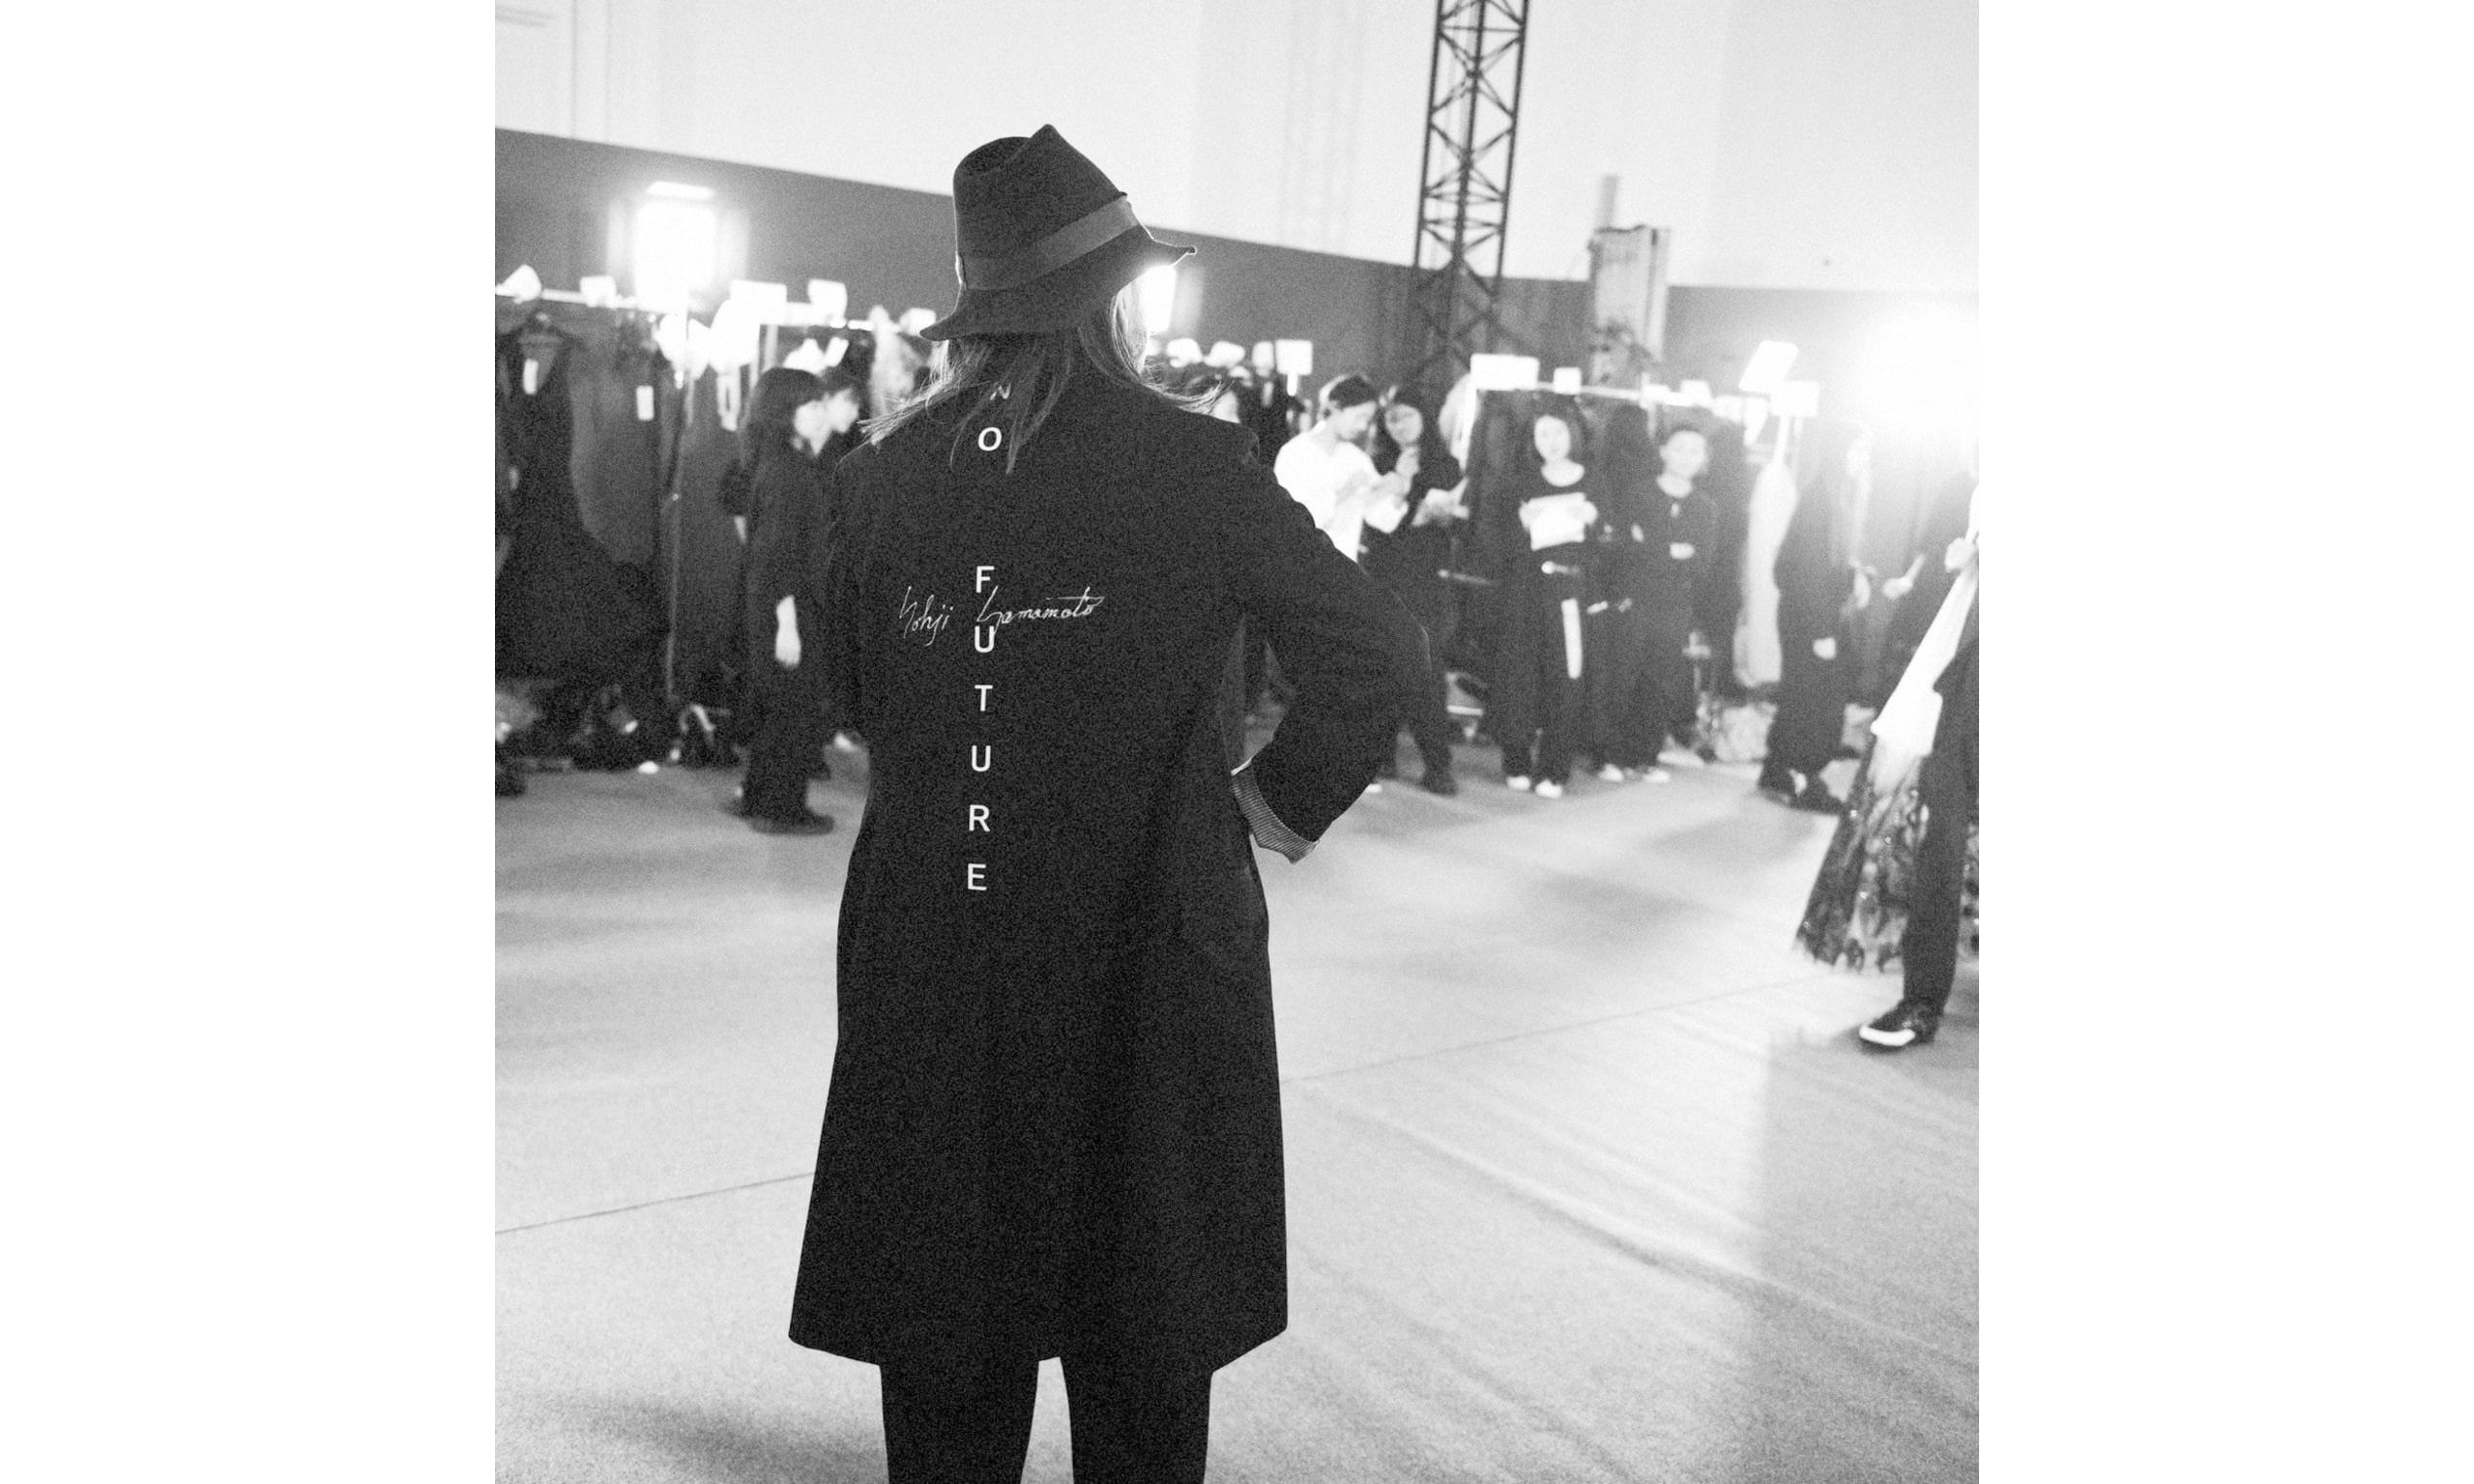 山本耀司亲签 FUTURE 夹克将以拍卖形式出售